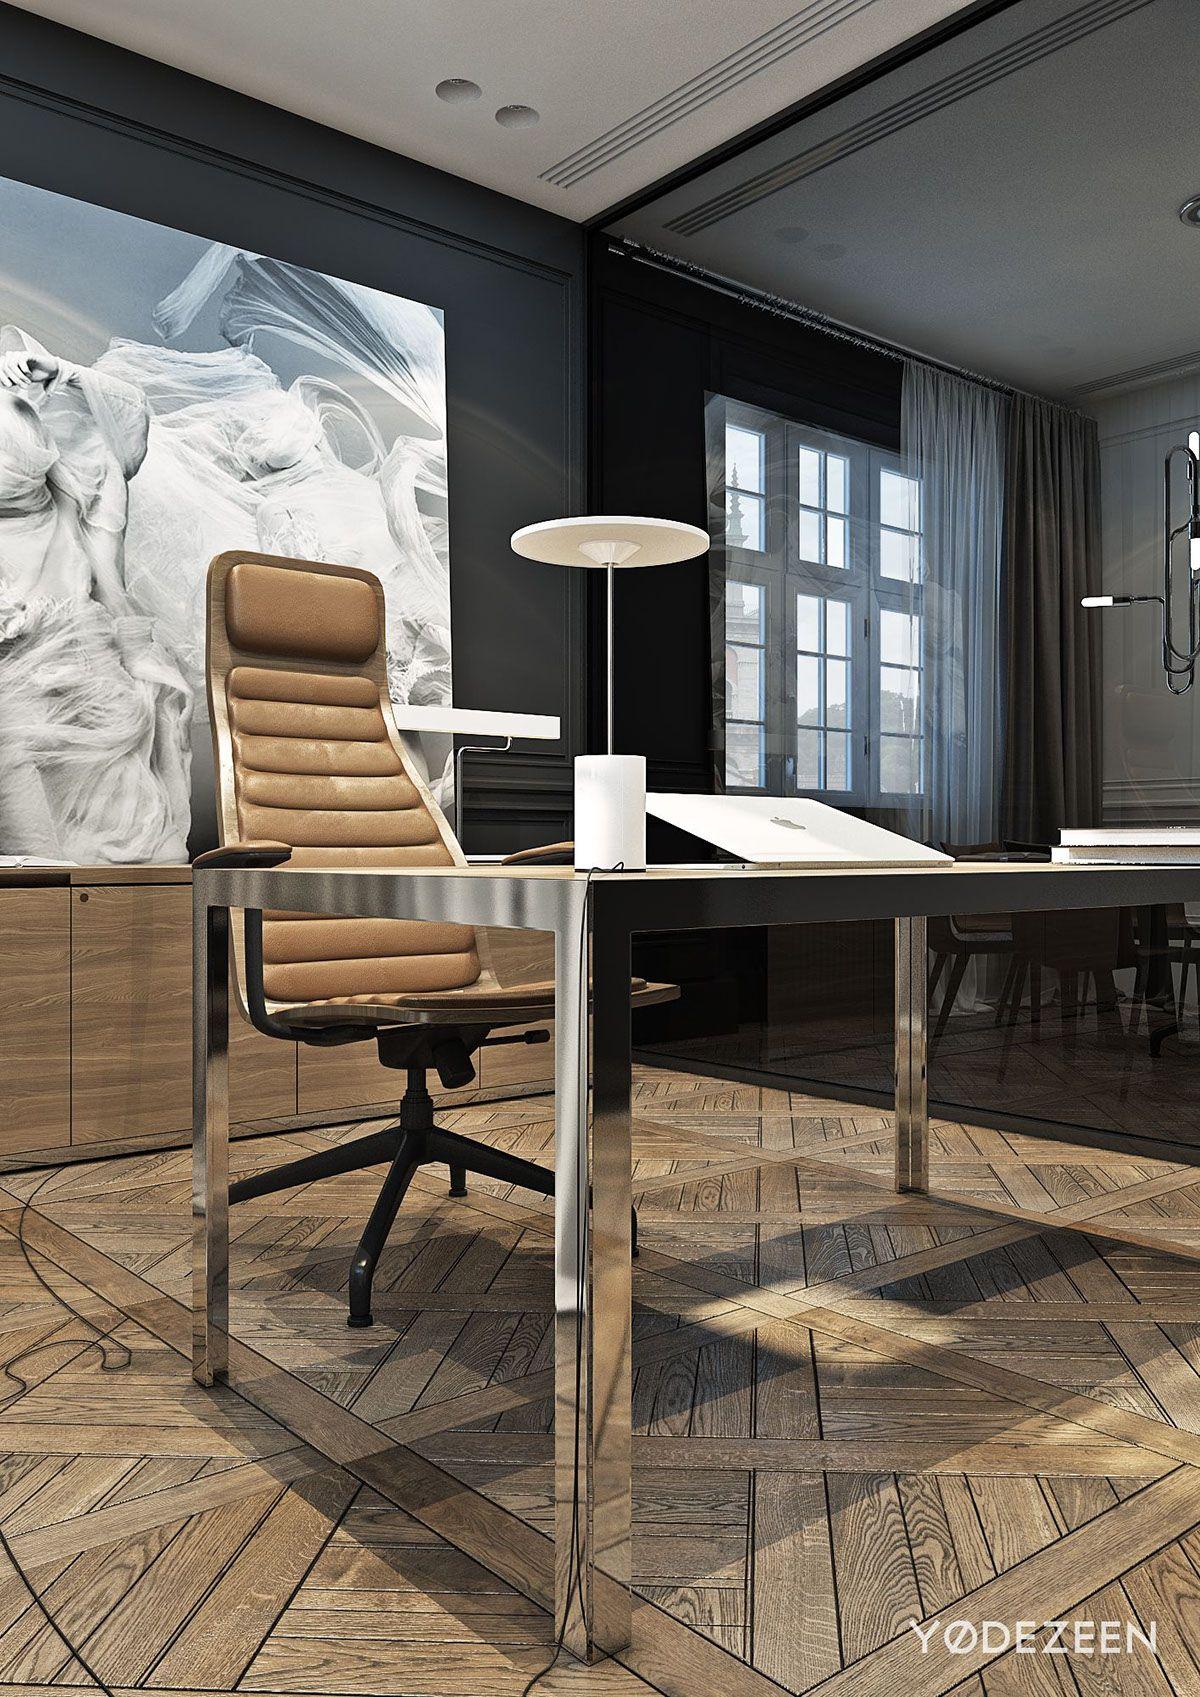 residence in lviv on behance in 2020